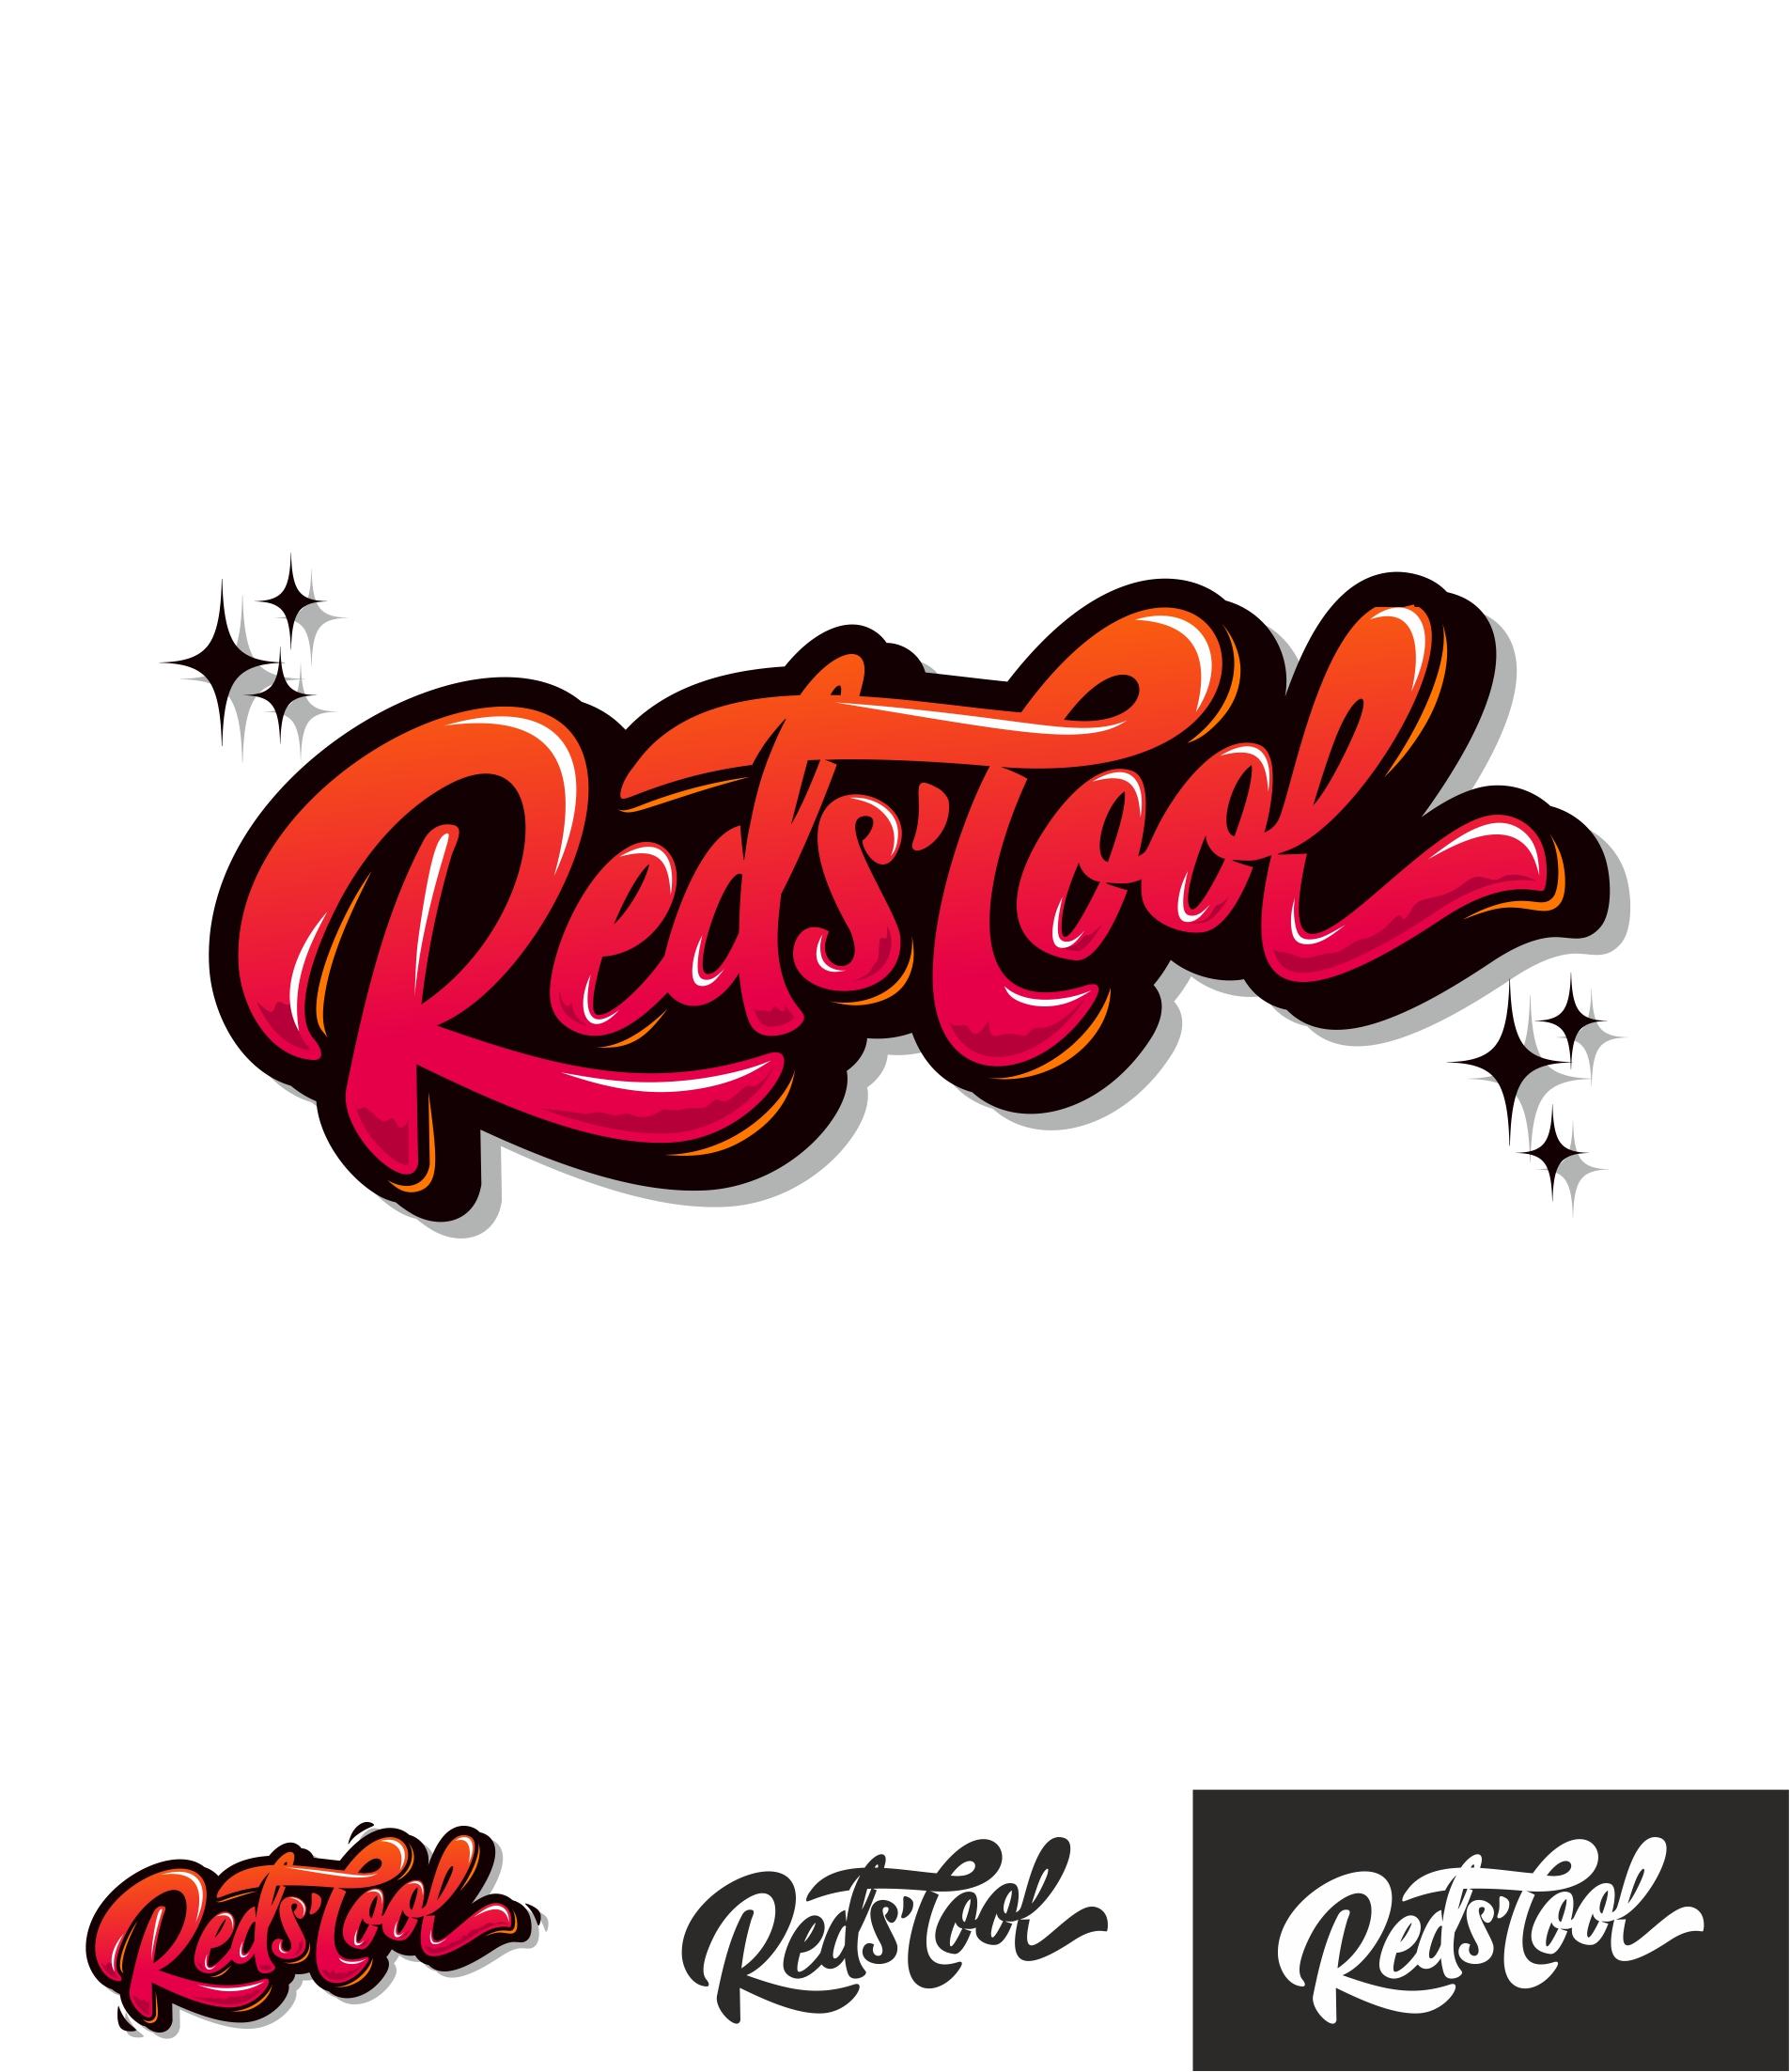 Логотип для музыкальной группы фото f_3575a546dbe74c76.jpg